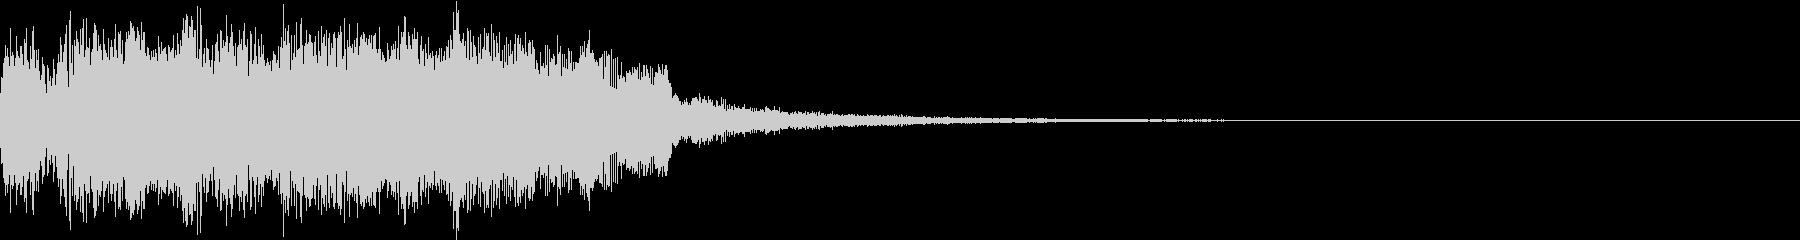 ファンファーレ アイテム レベルアップDの未再生の波形